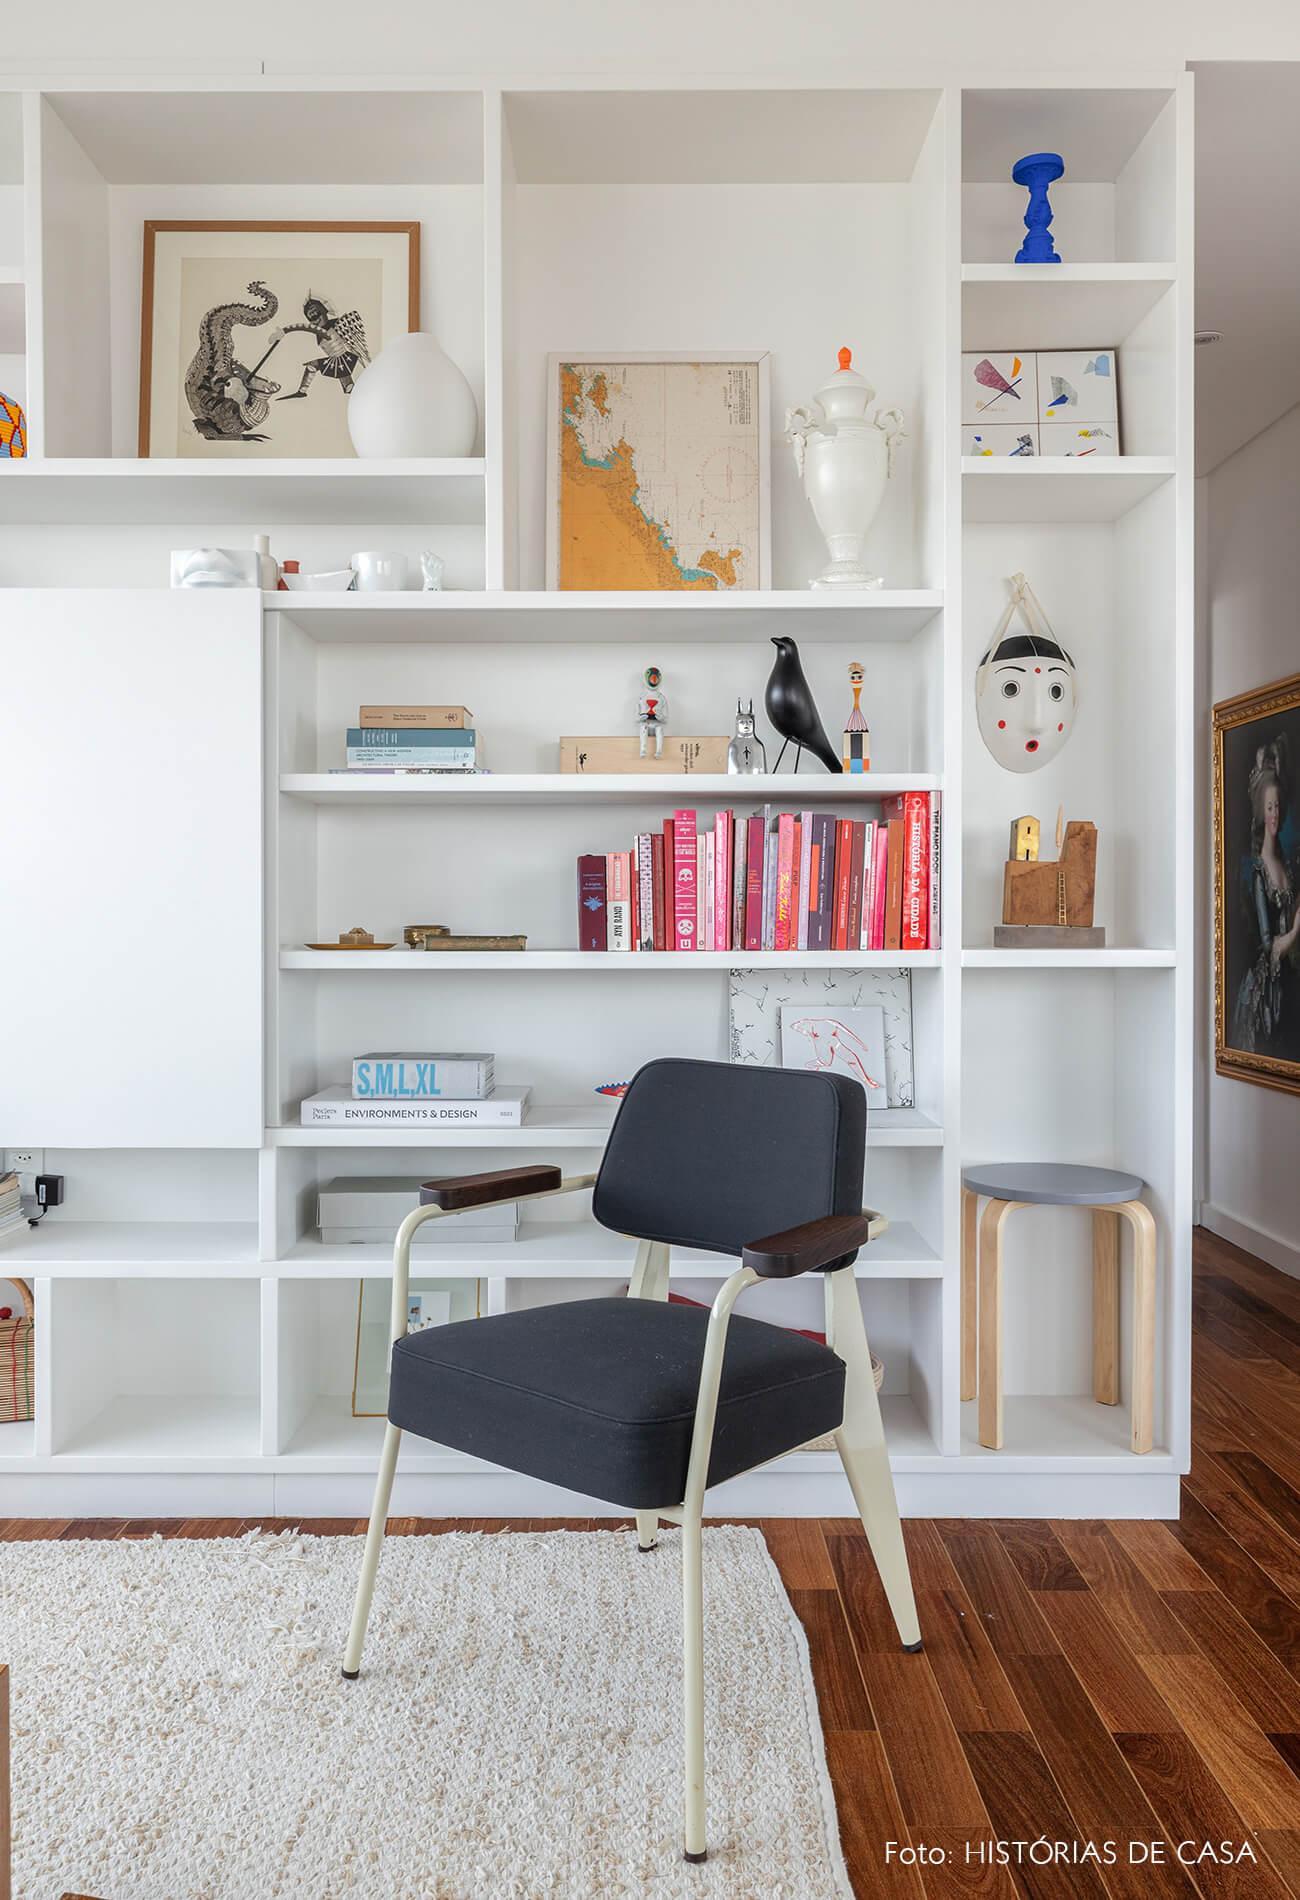 decoração sala estantes brancas poltrona escura passaro bird eames